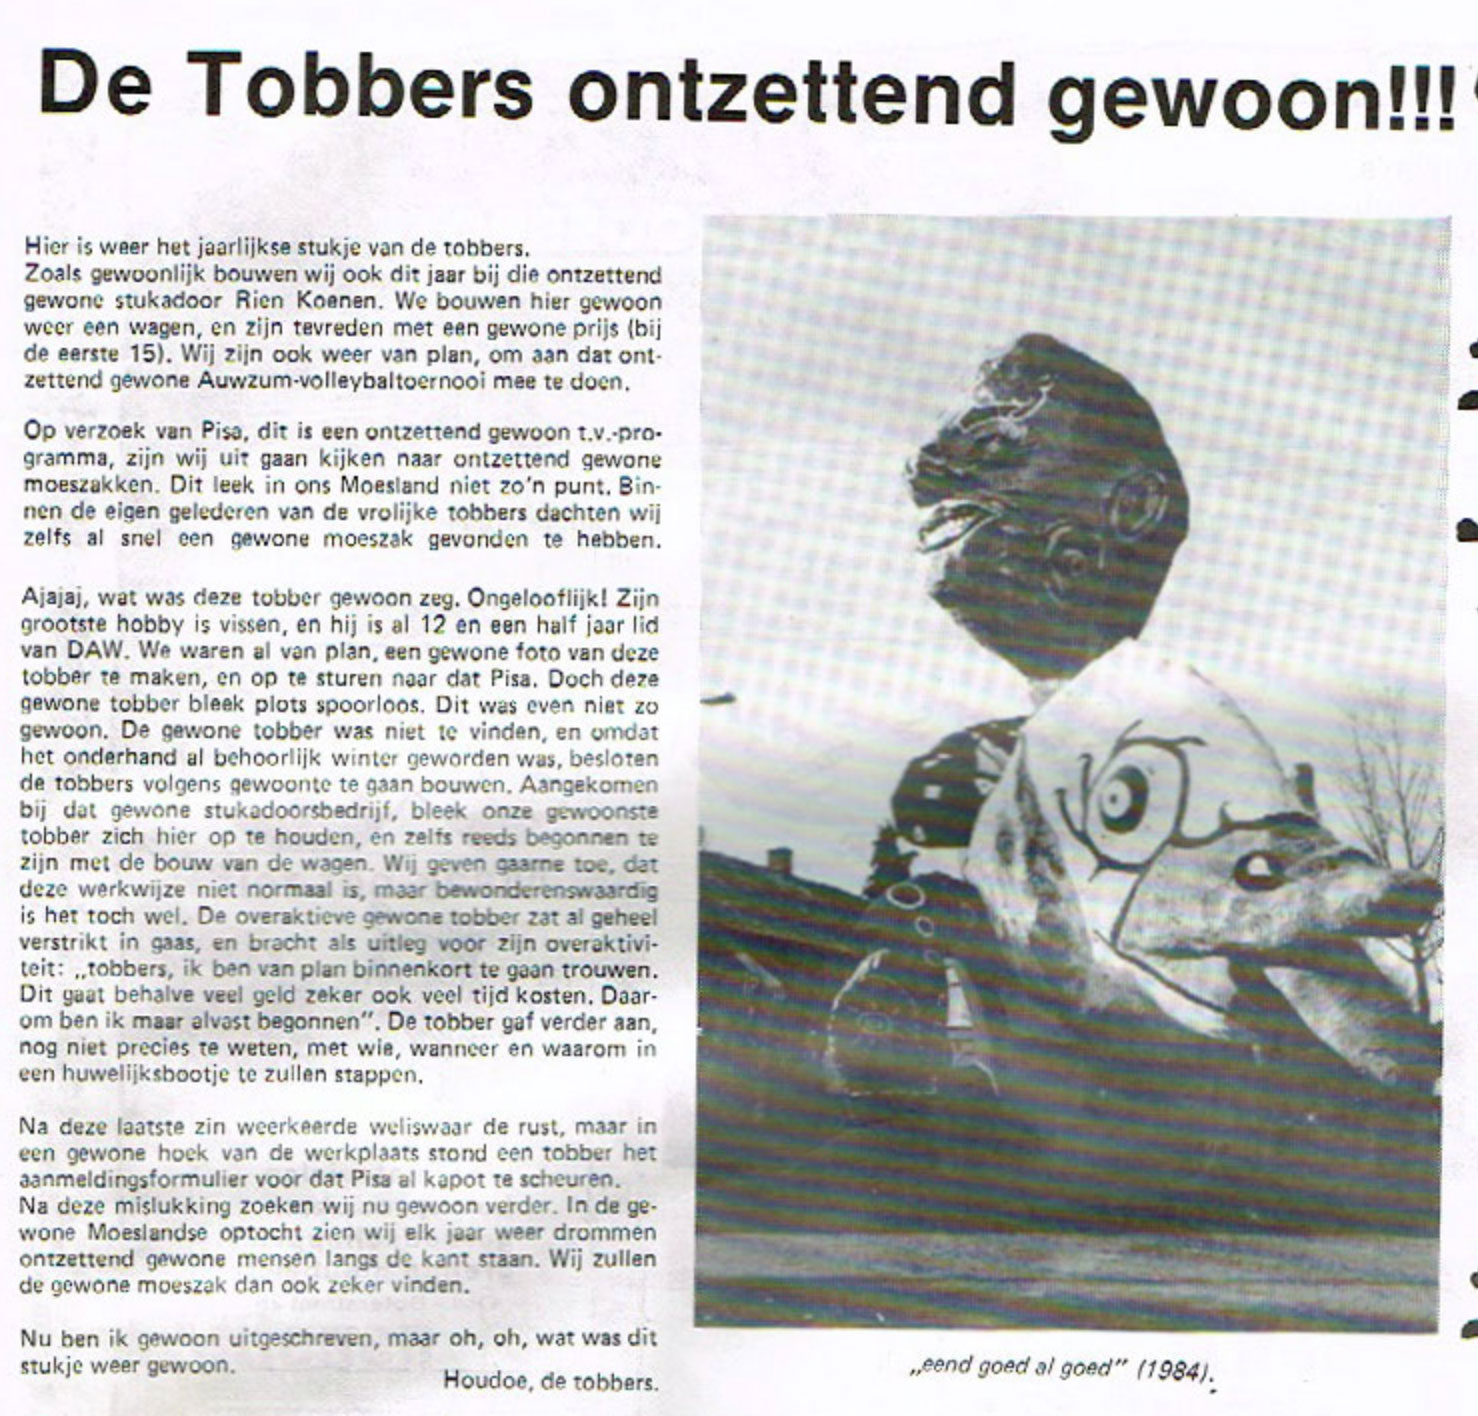 Stukje uit de carnavalskrant van De Vrolukke Tobbers - 1984